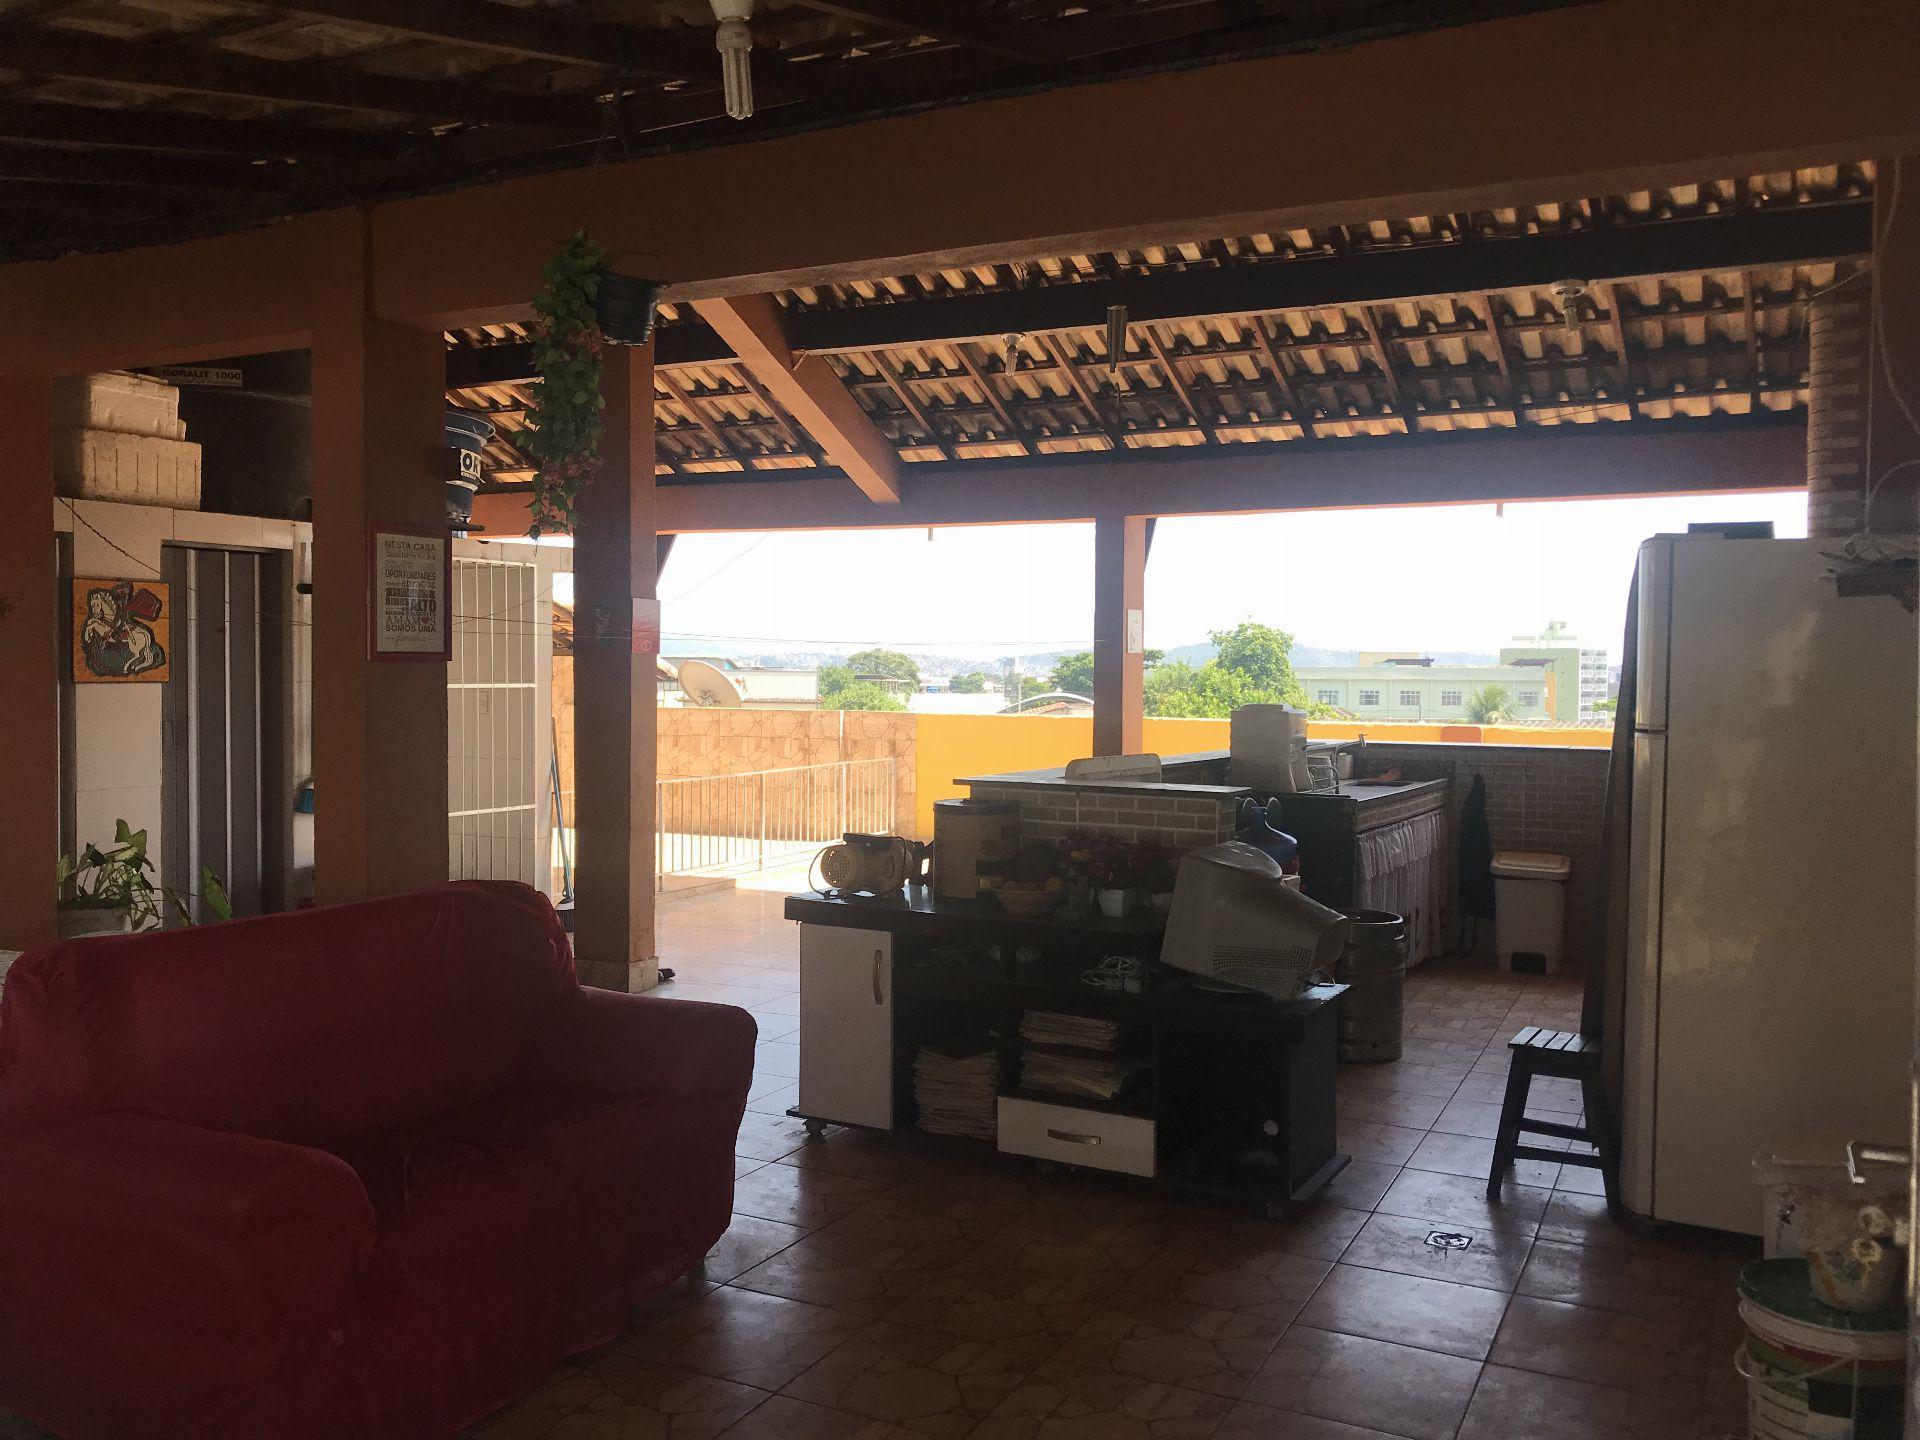 FOTO 16 - Casa em Condomínio à venda Rua Upiara,Bento Ribeiro, Rio de Janeiro - R$ 650.000 - RF215 - 17